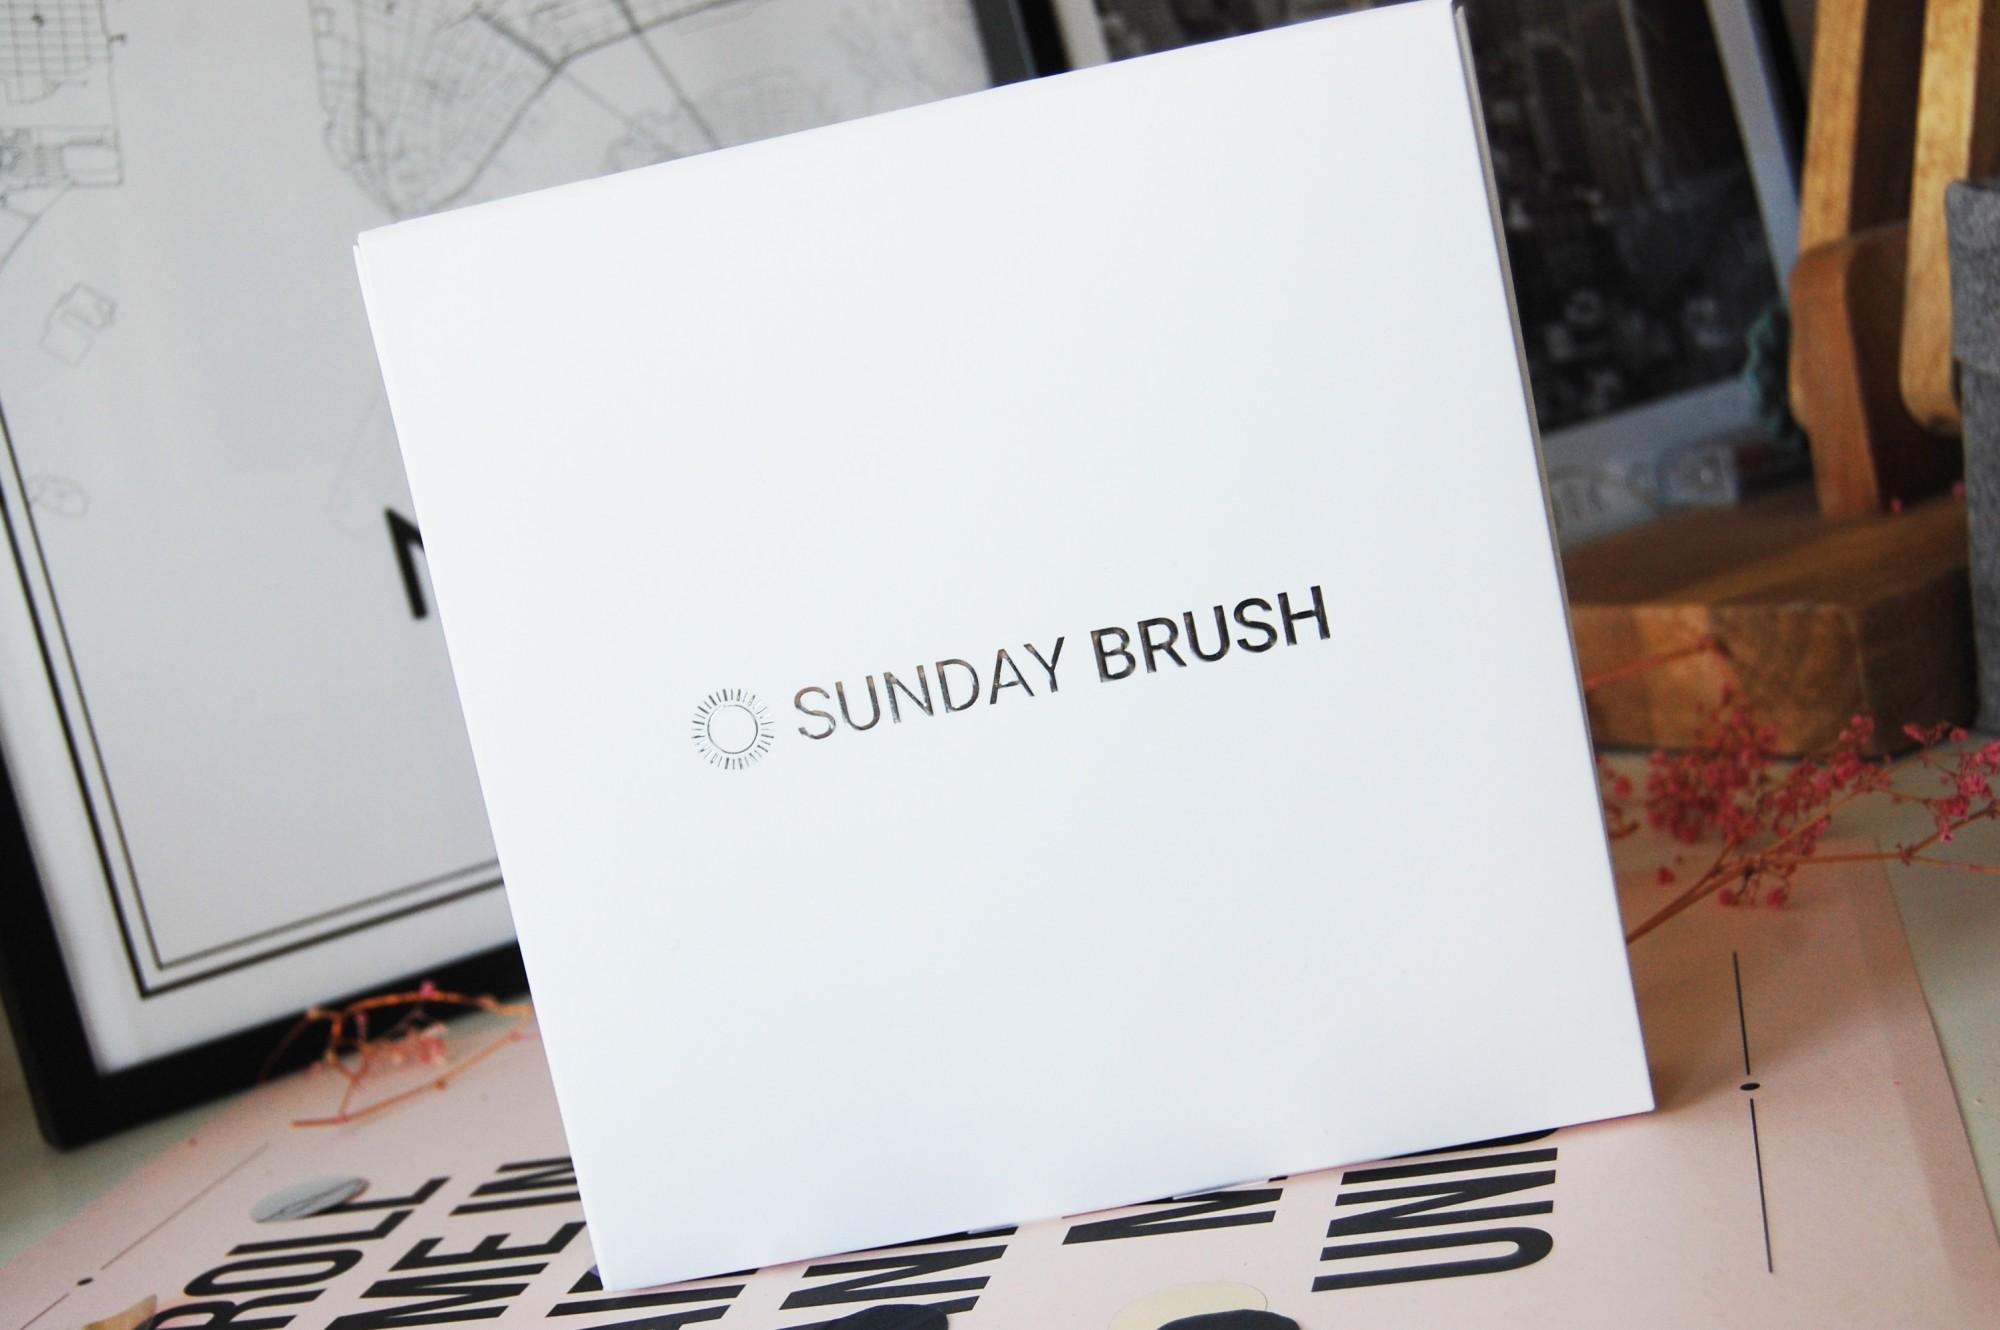 Sunday Brush